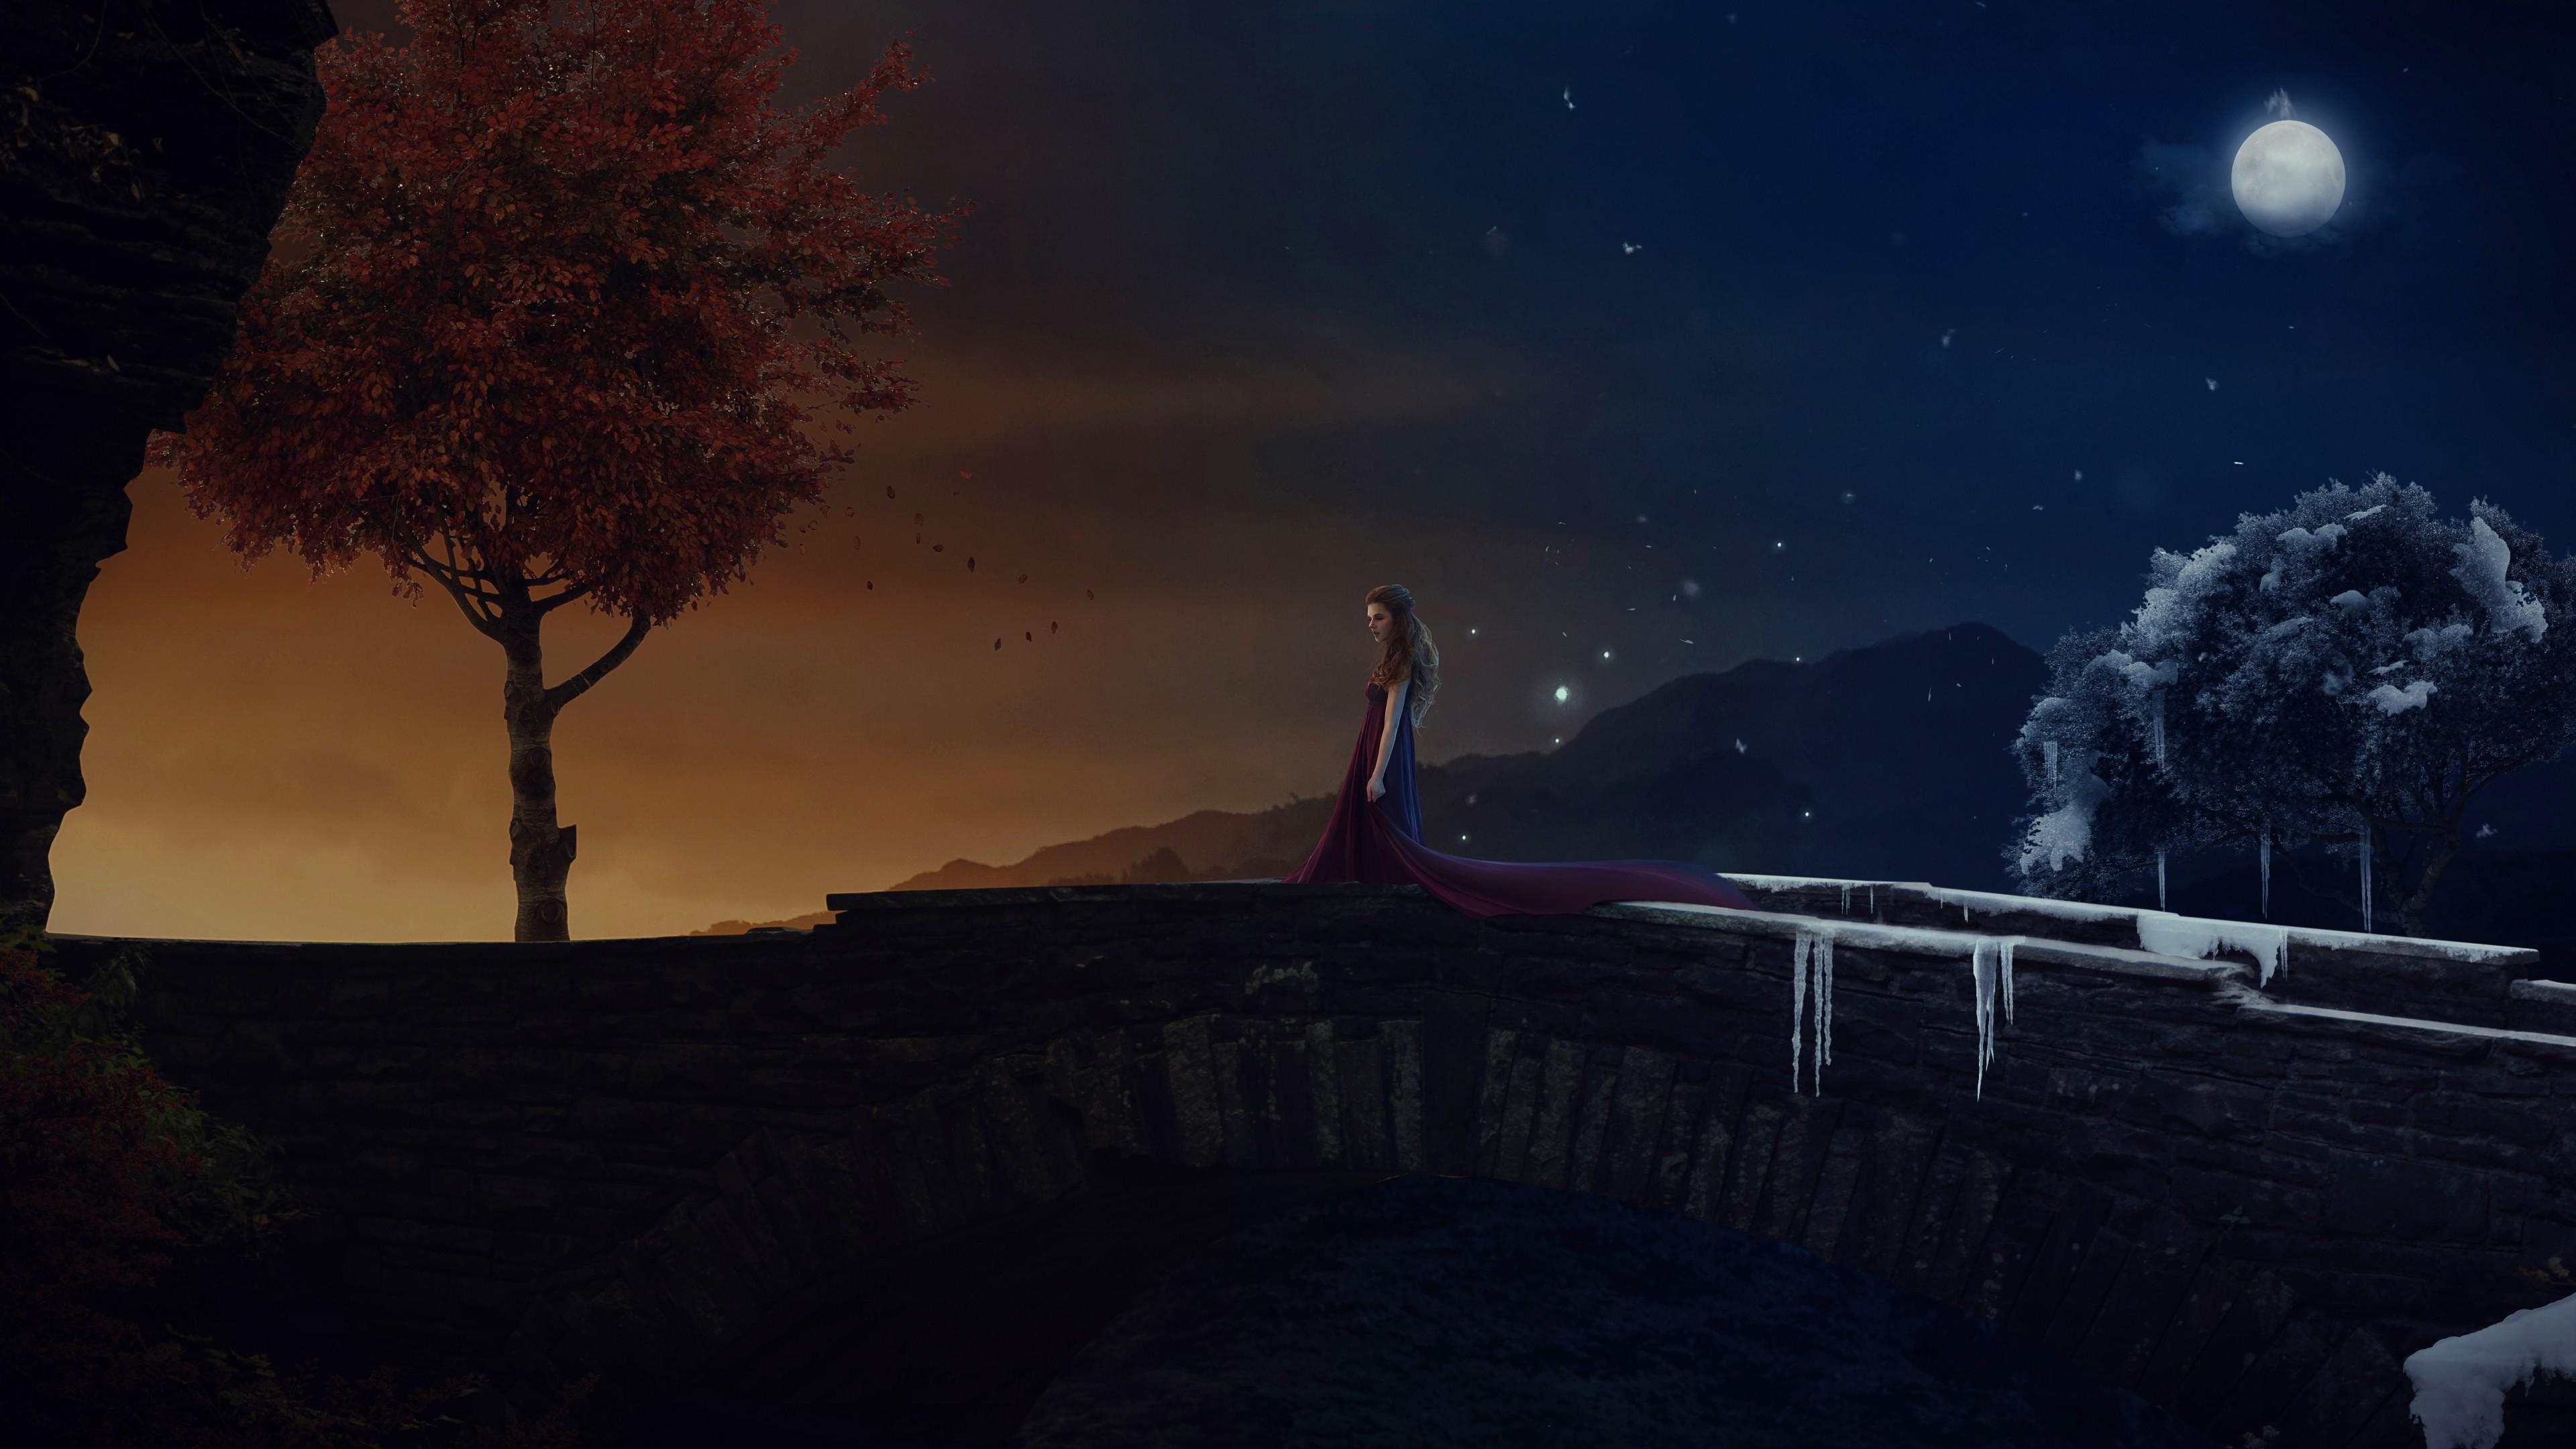 Яркие звезды и луна в ночном небе освещают путь одинокой девушке